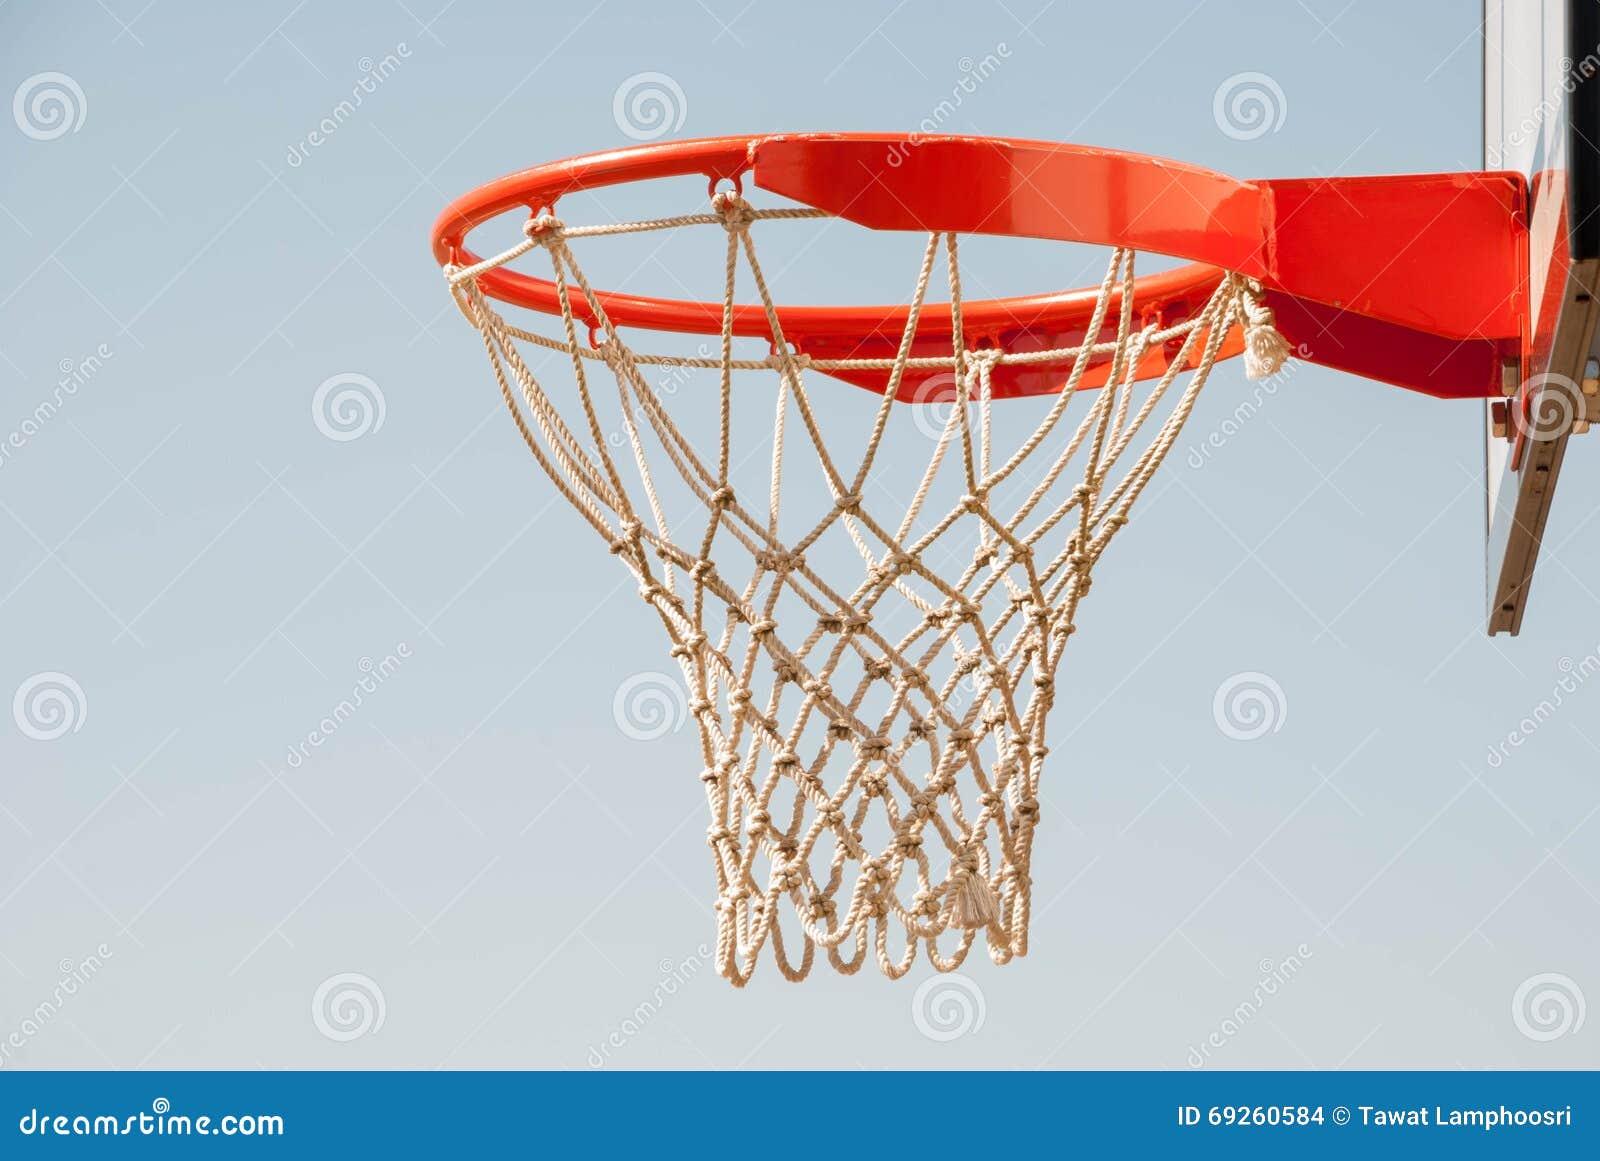 Gilbert Netball Hoop And Net | Players Netball Nz